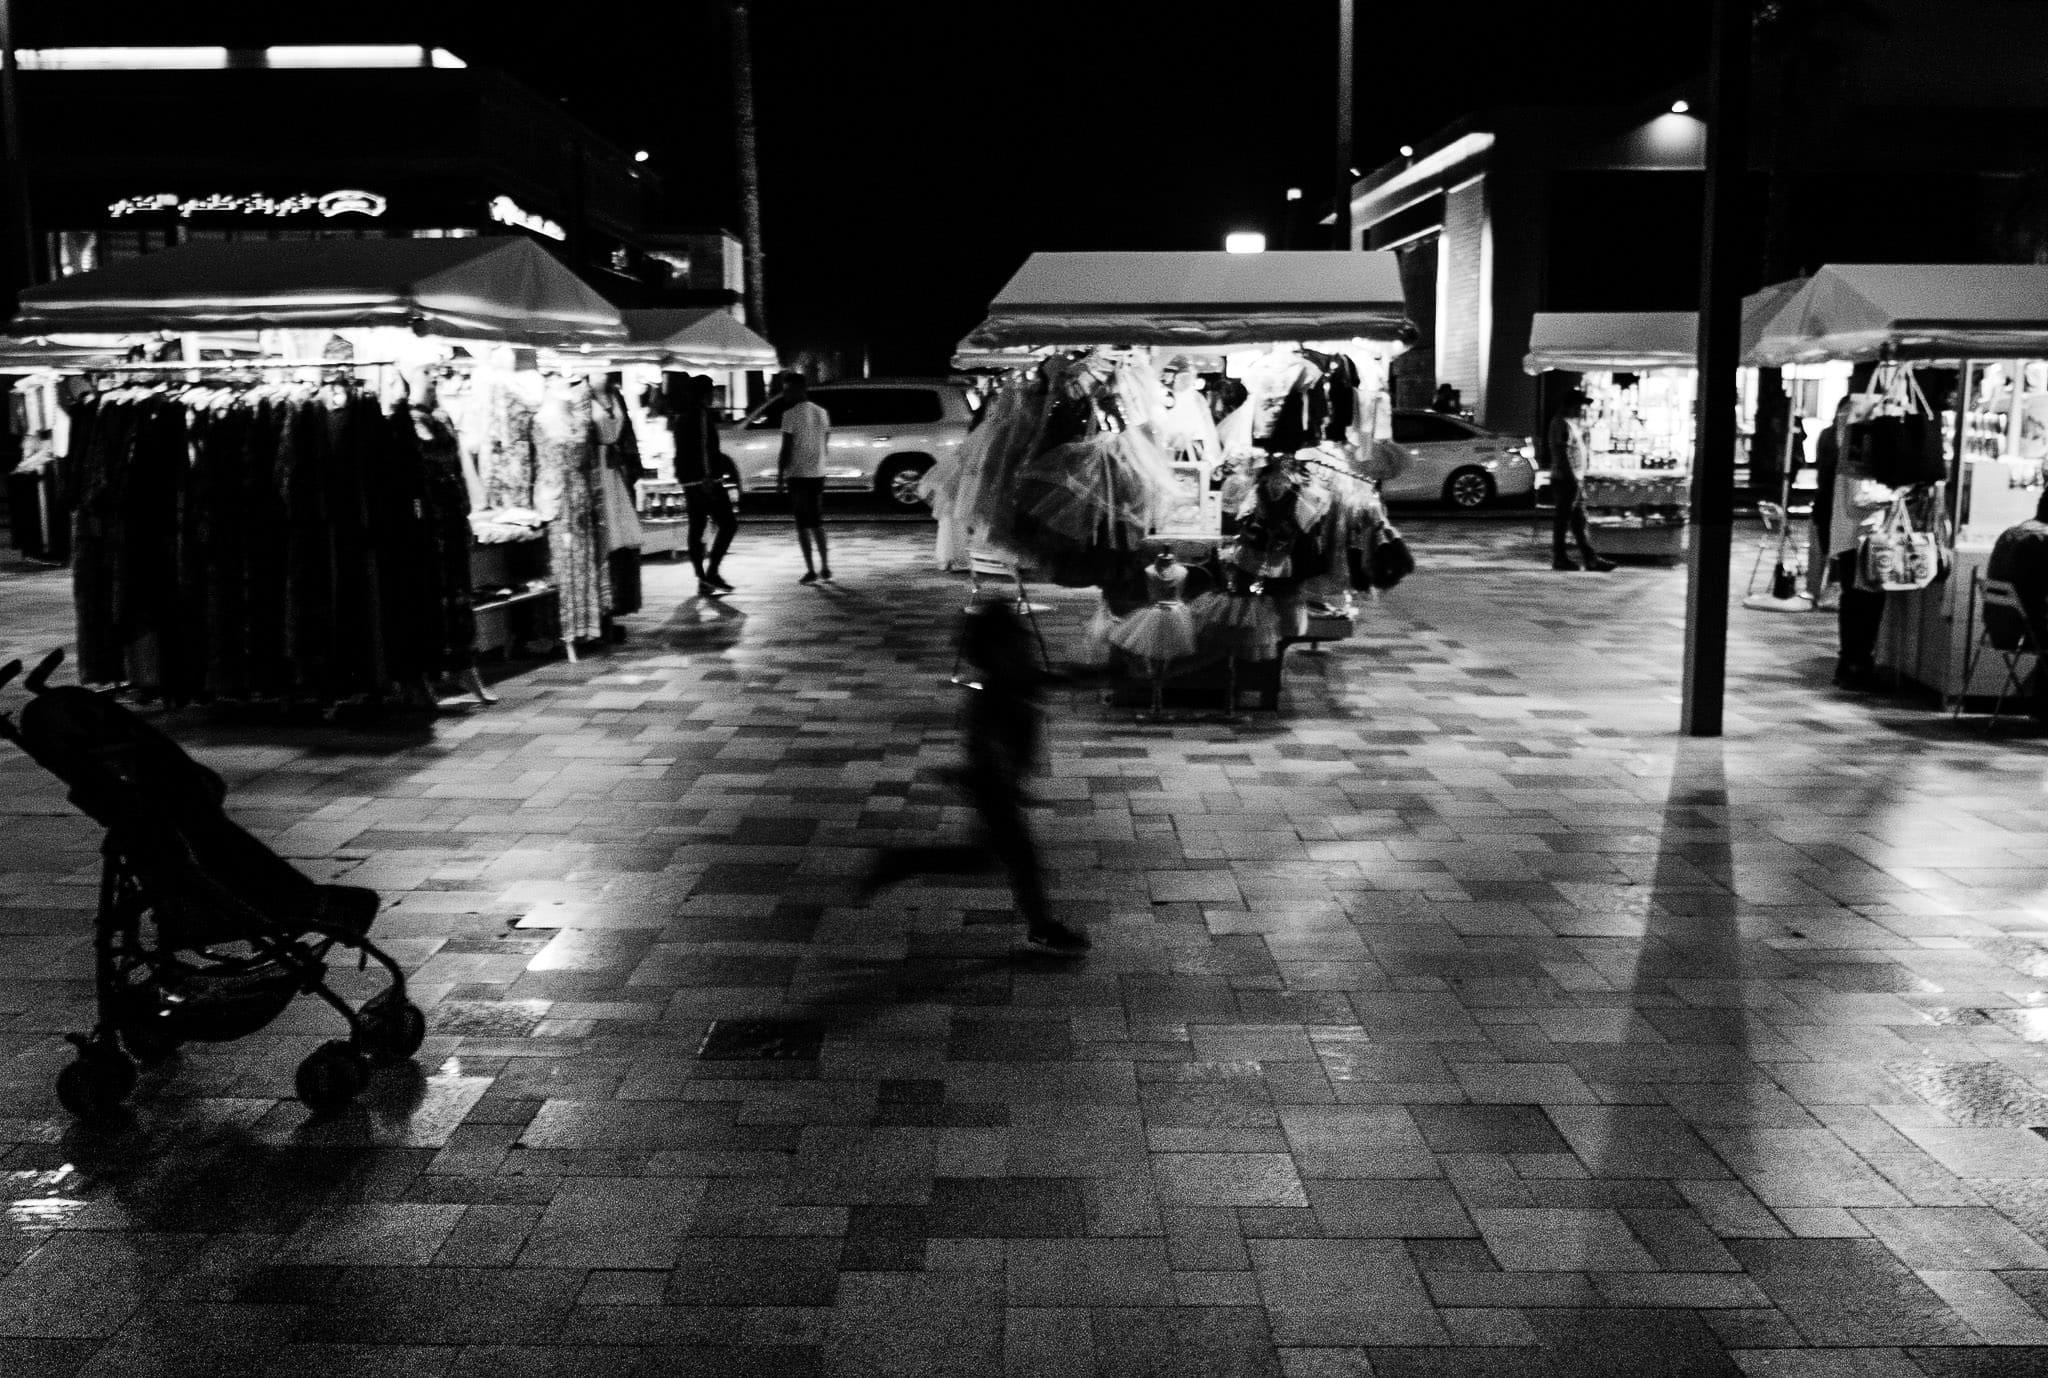 fotografie personali viaggio a dubai00015